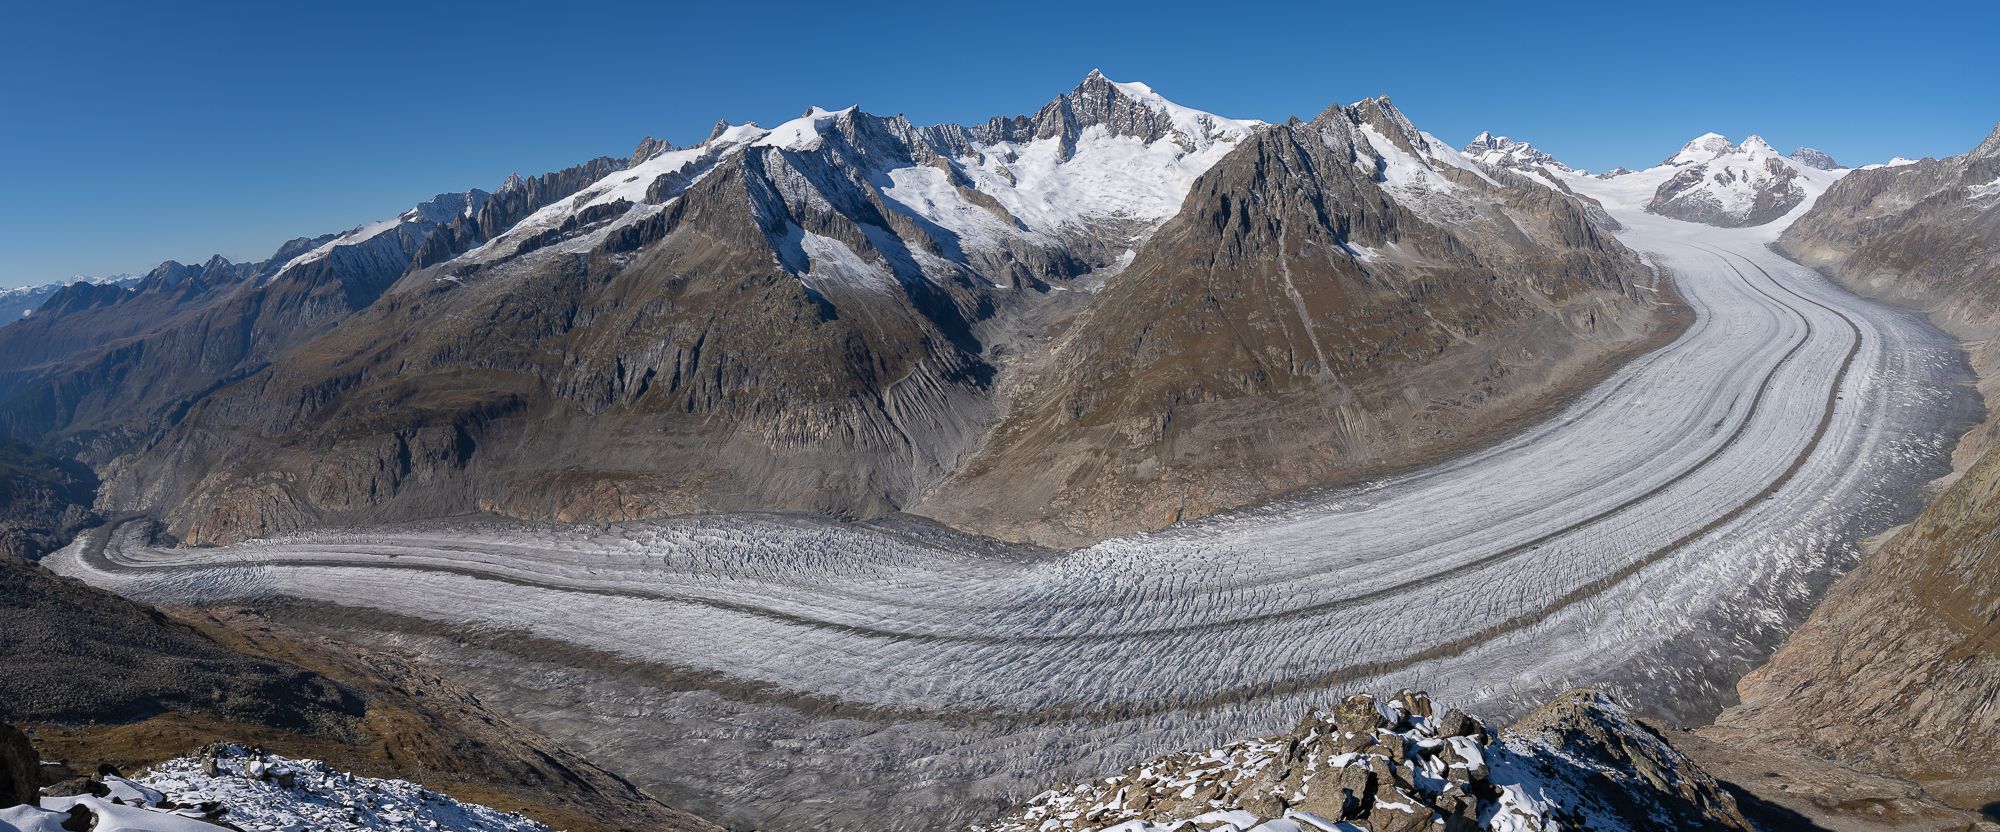 Aletsch glacier from Eggishorn, Switzerland